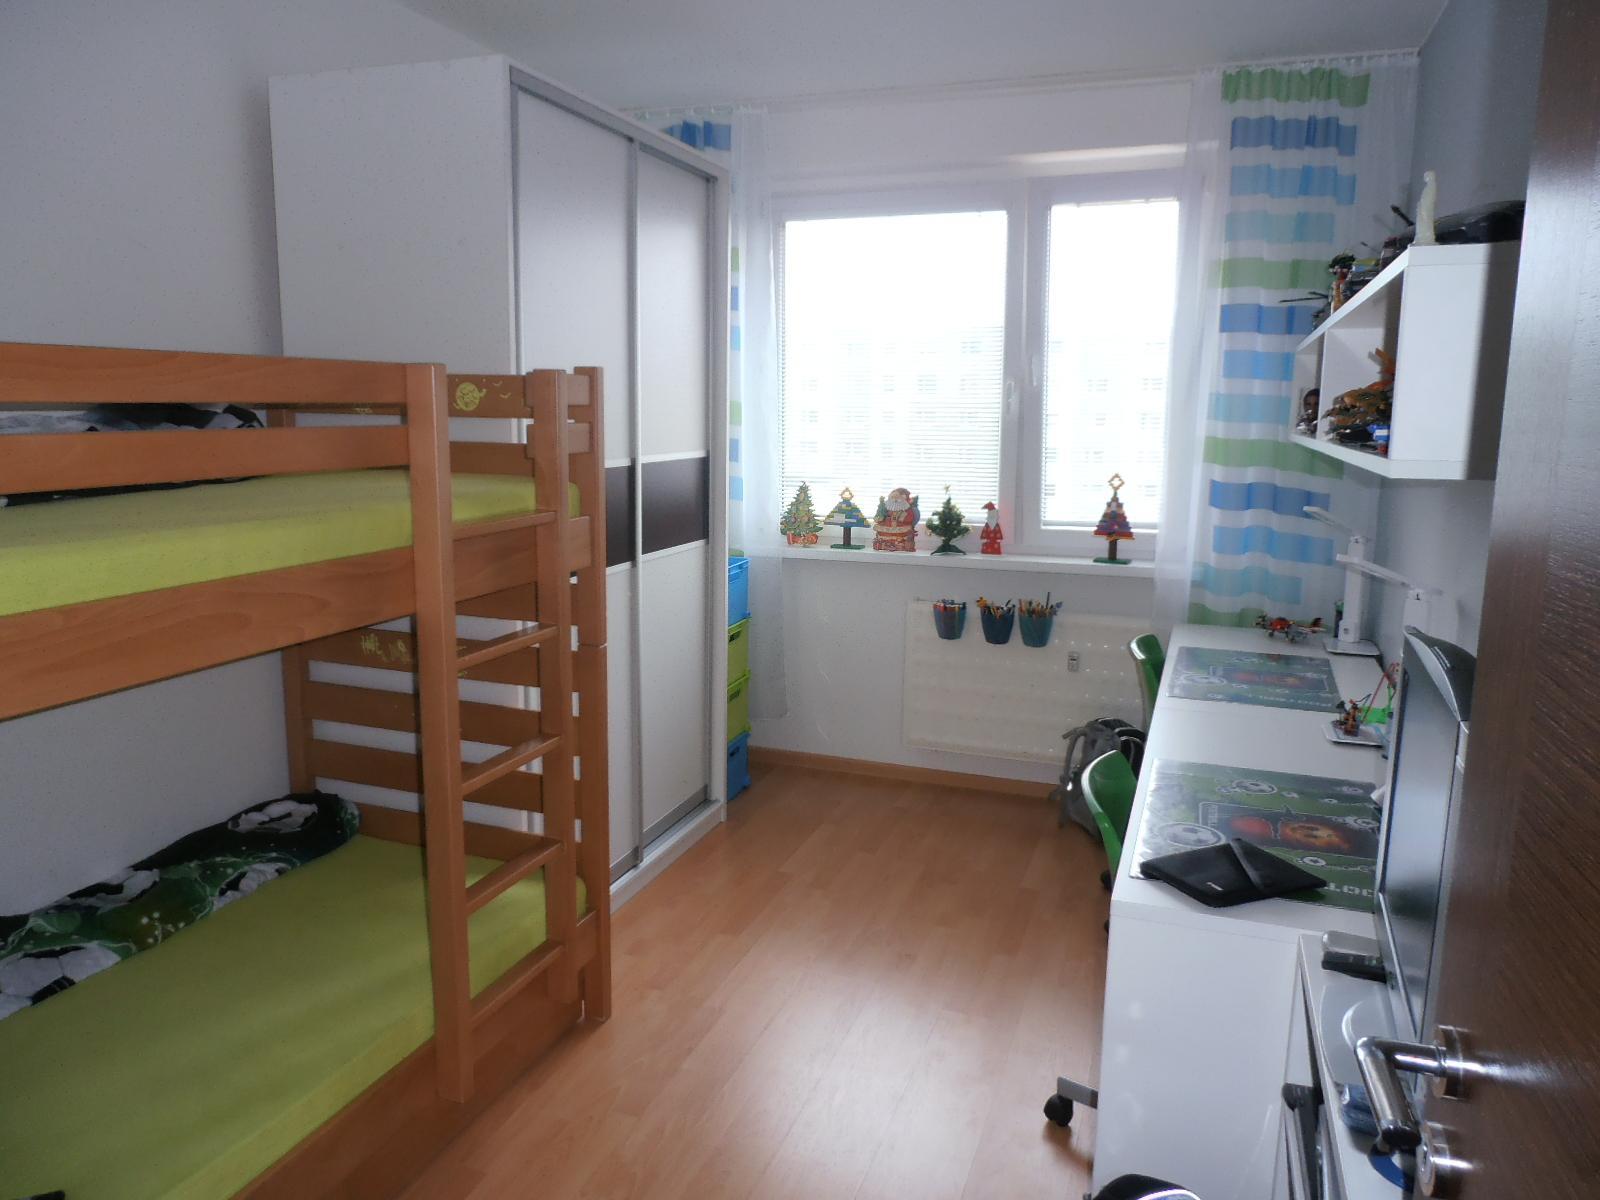 Izba mojich školákov - Obrázok č. 6